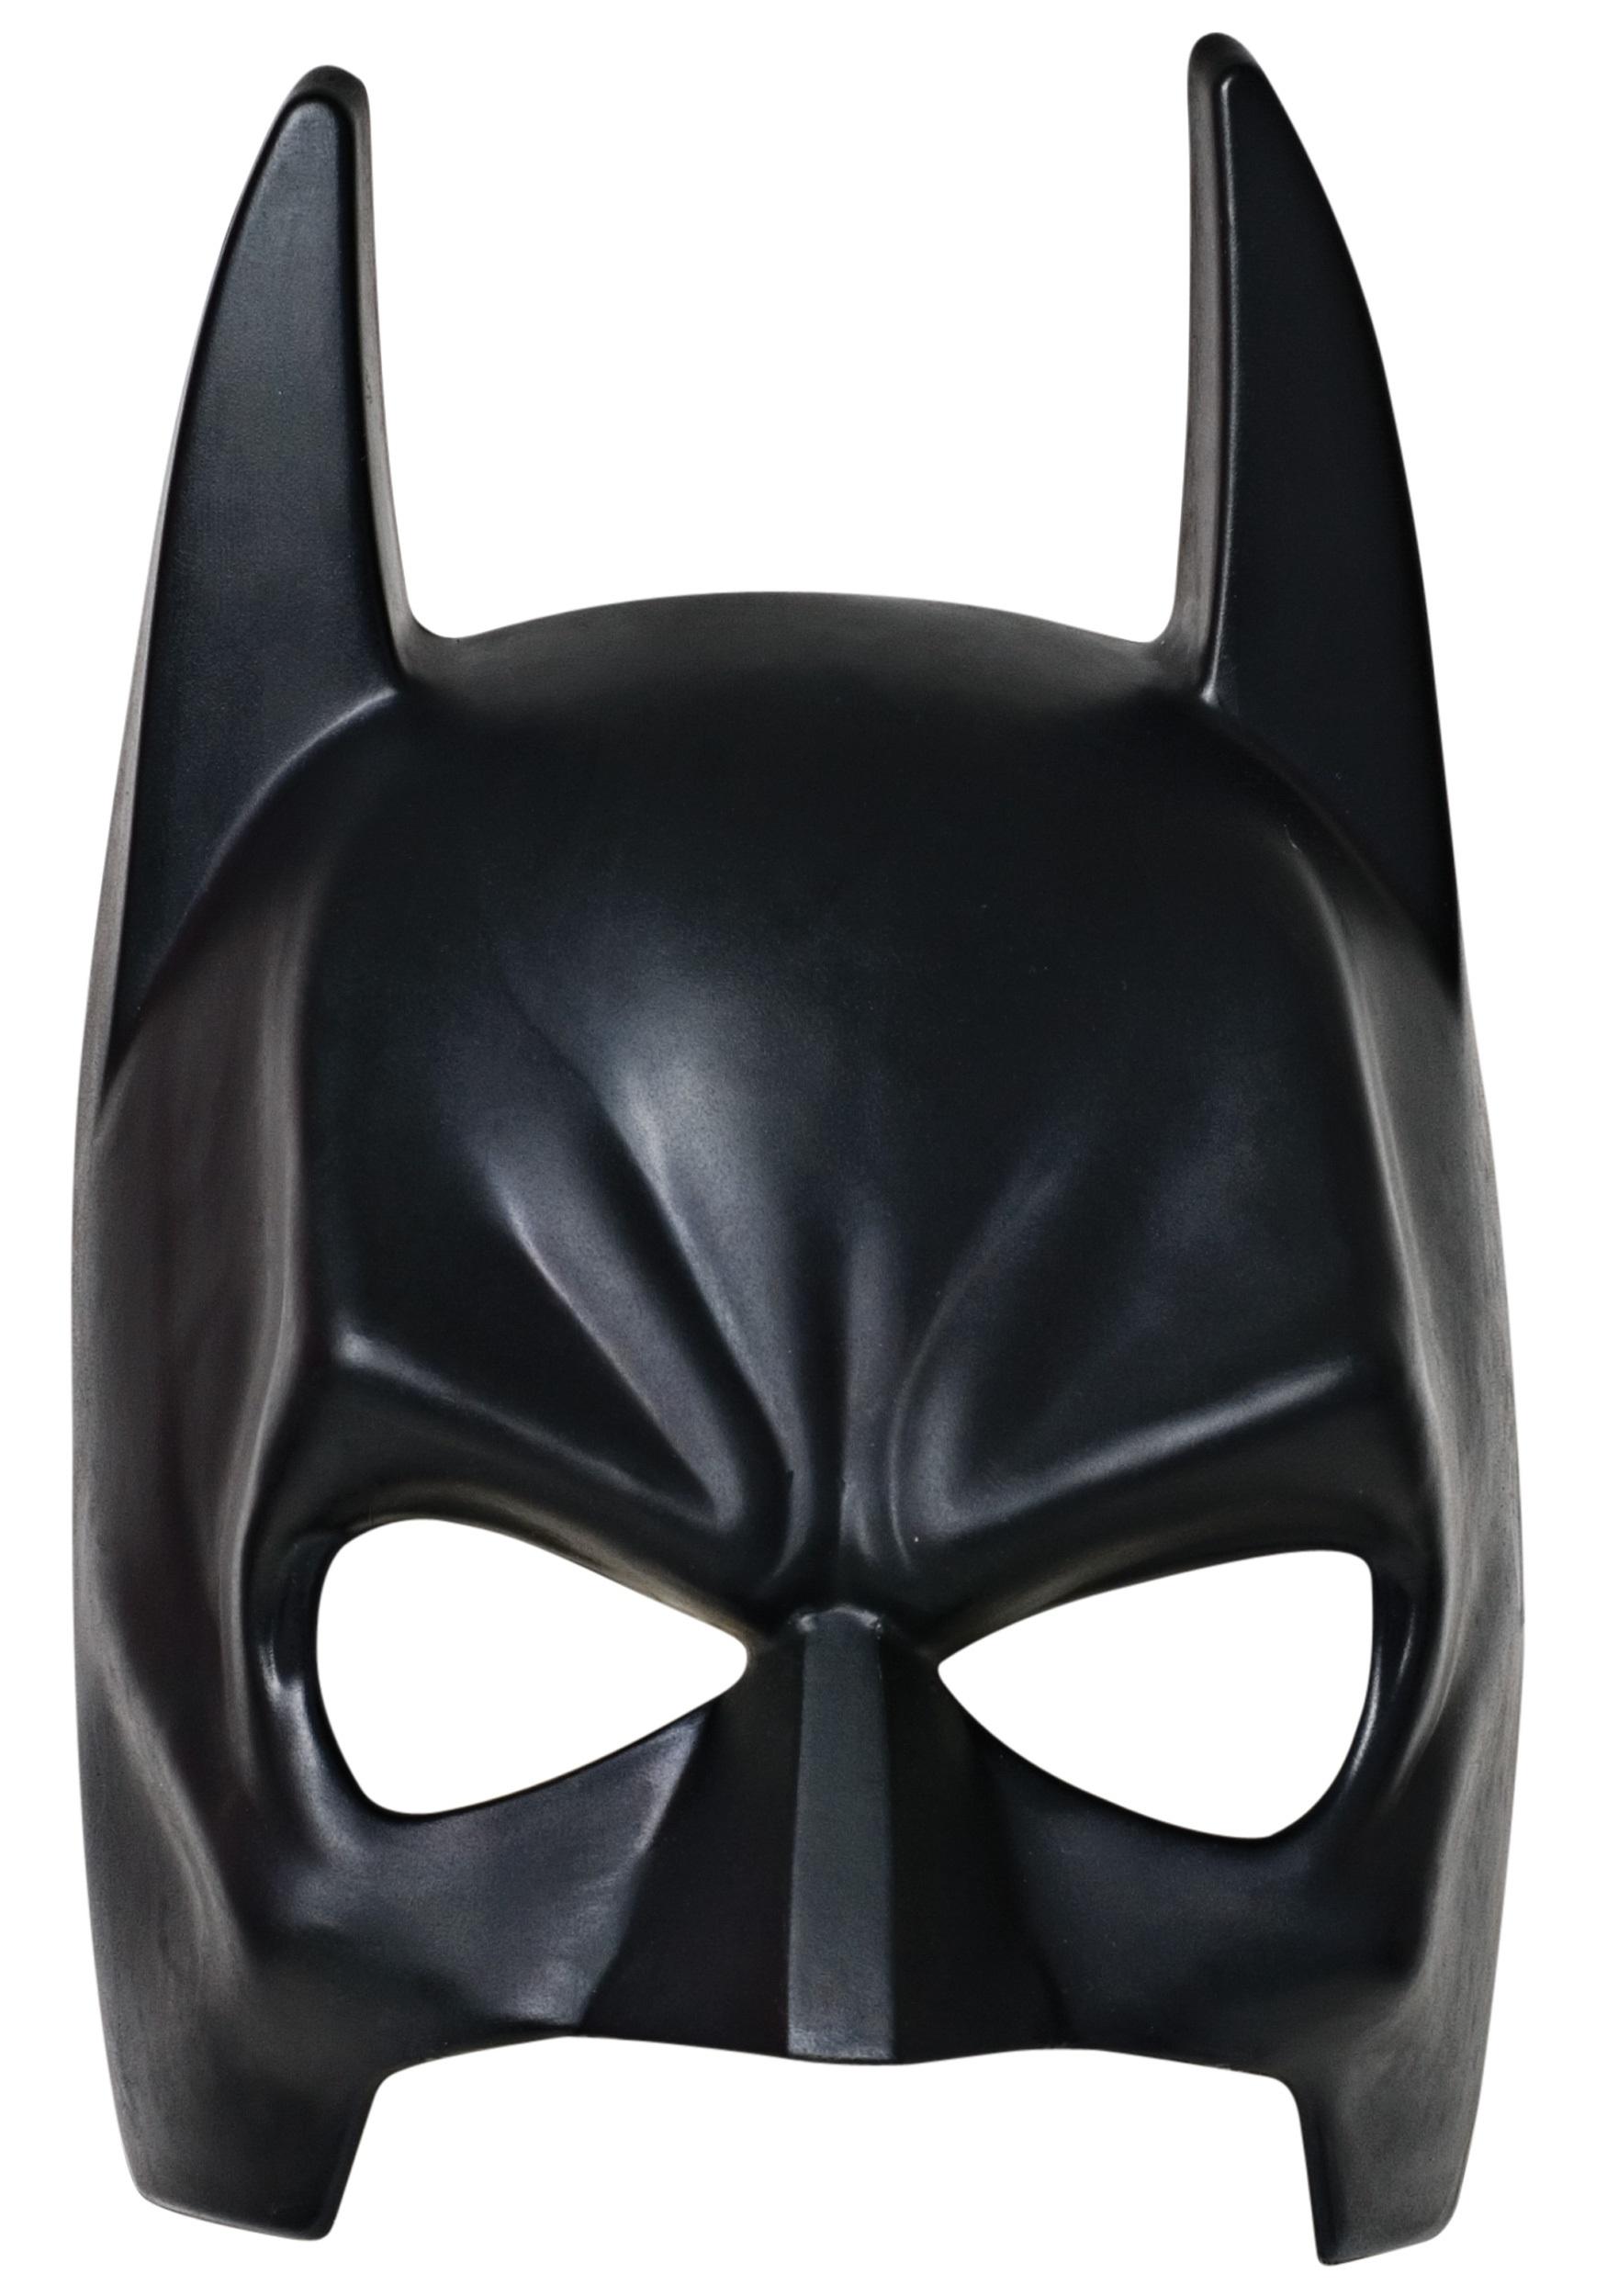 Image result for batman mask